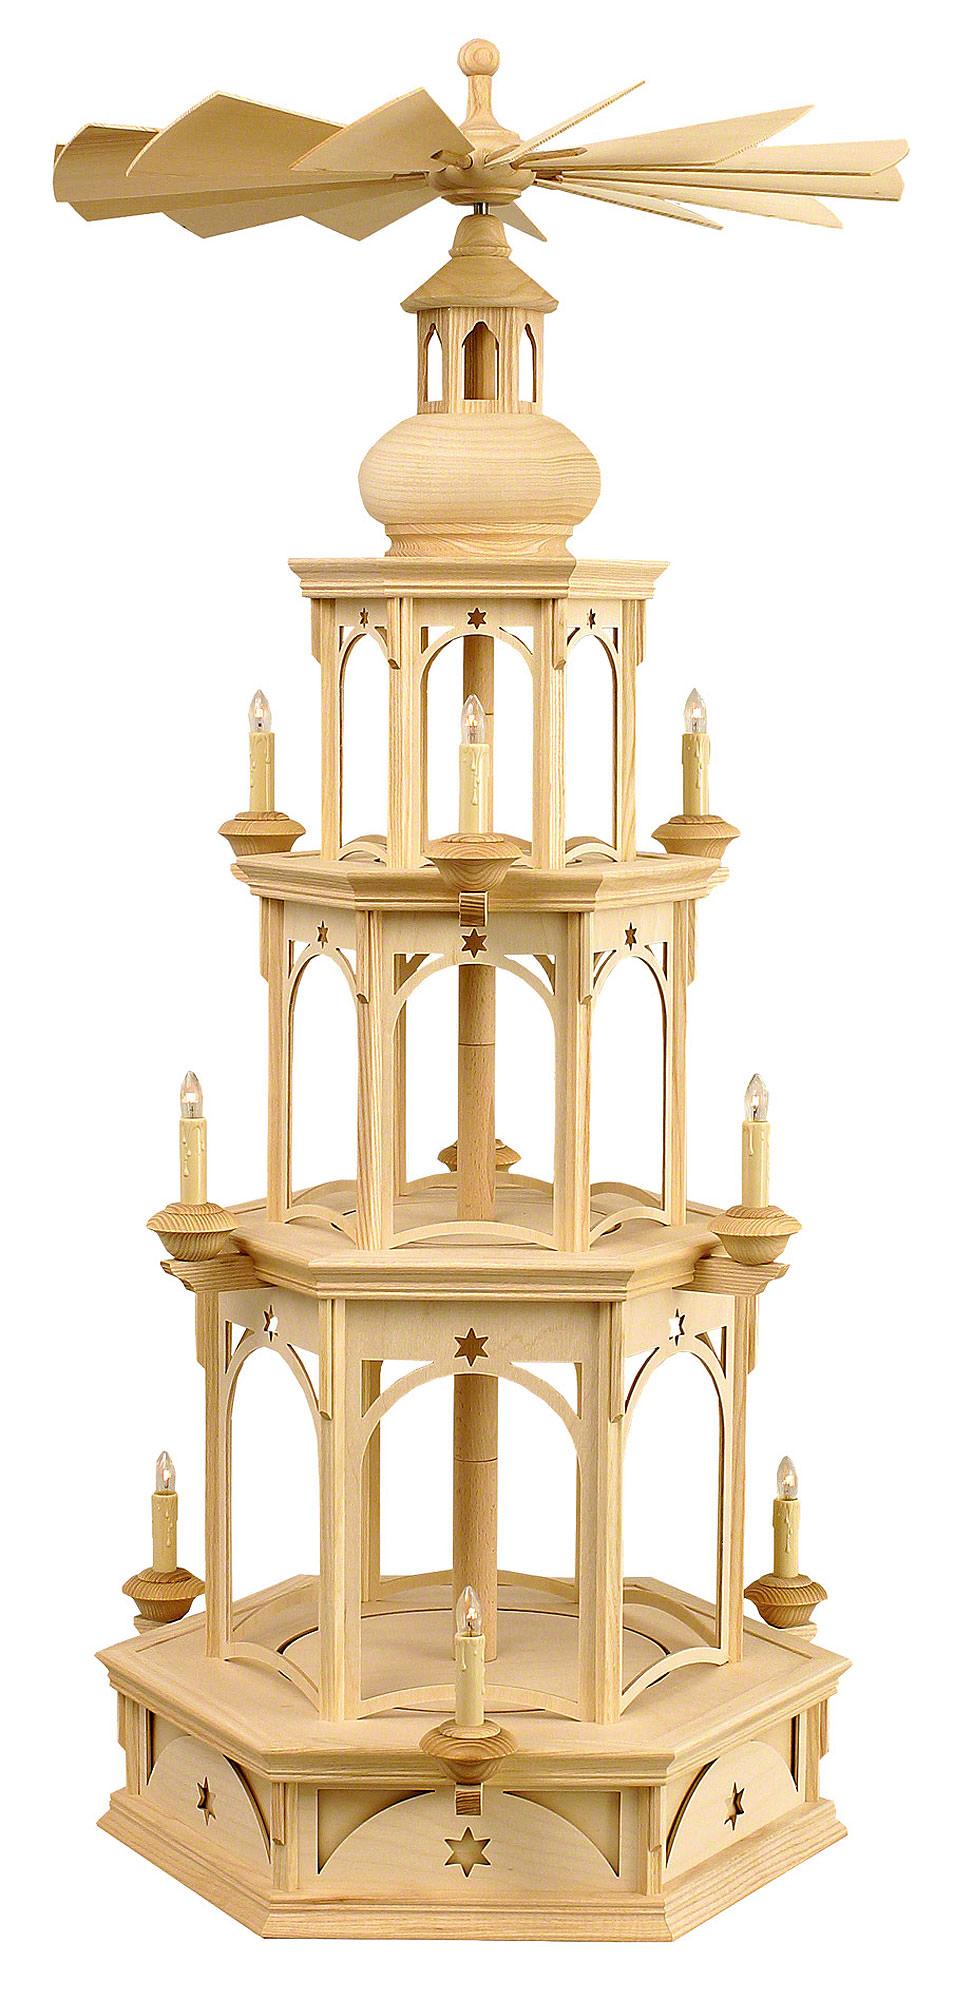 3 st ckige pyramide unbest ckt motiv stern f r. Black Bedroom Furniture Sets. Home Design Ideas